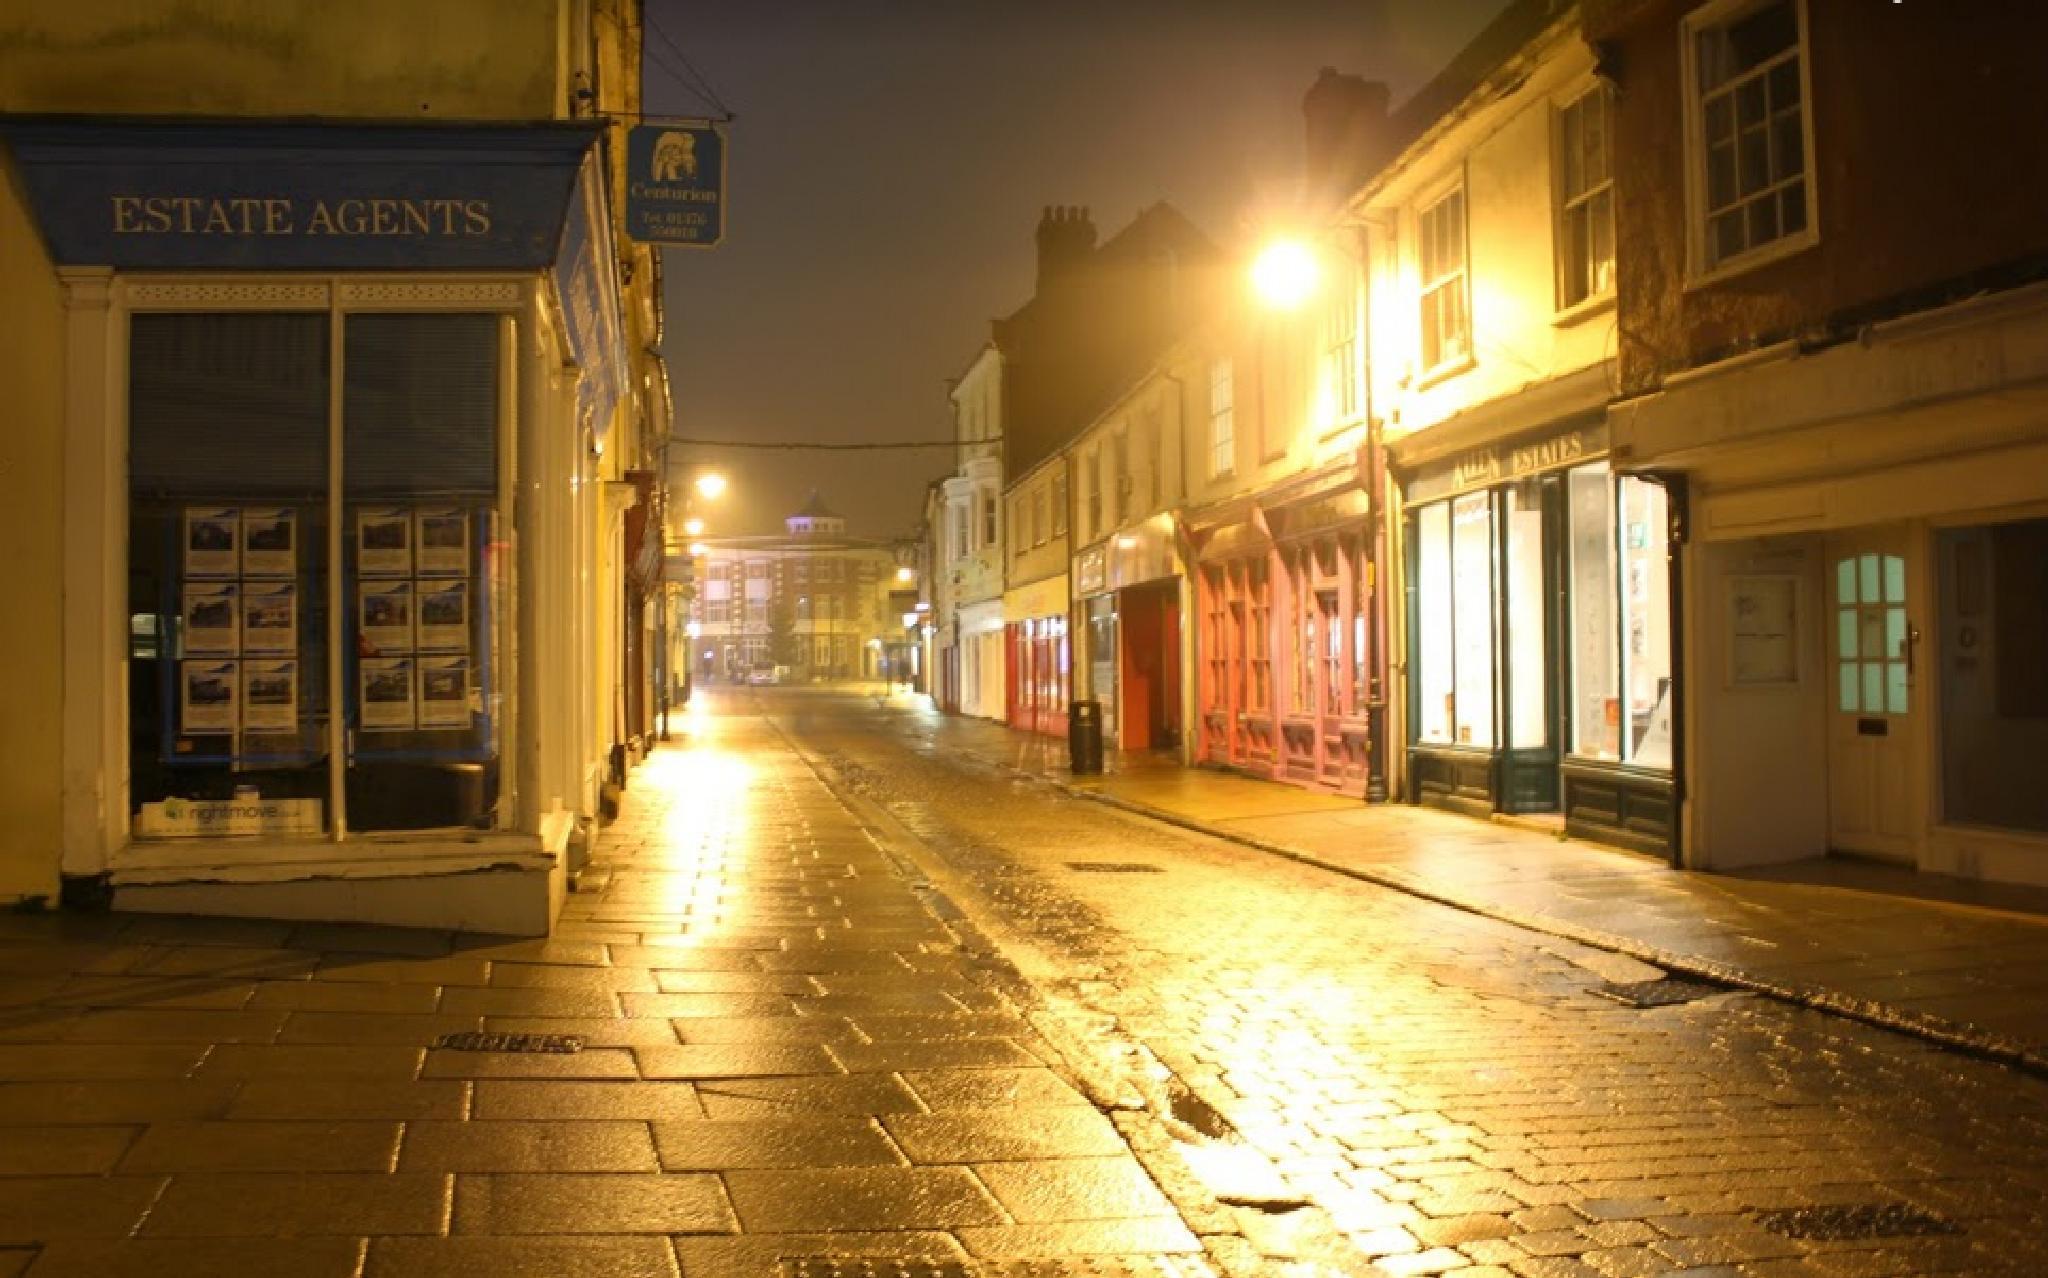 Damp night's by gary.macnicol